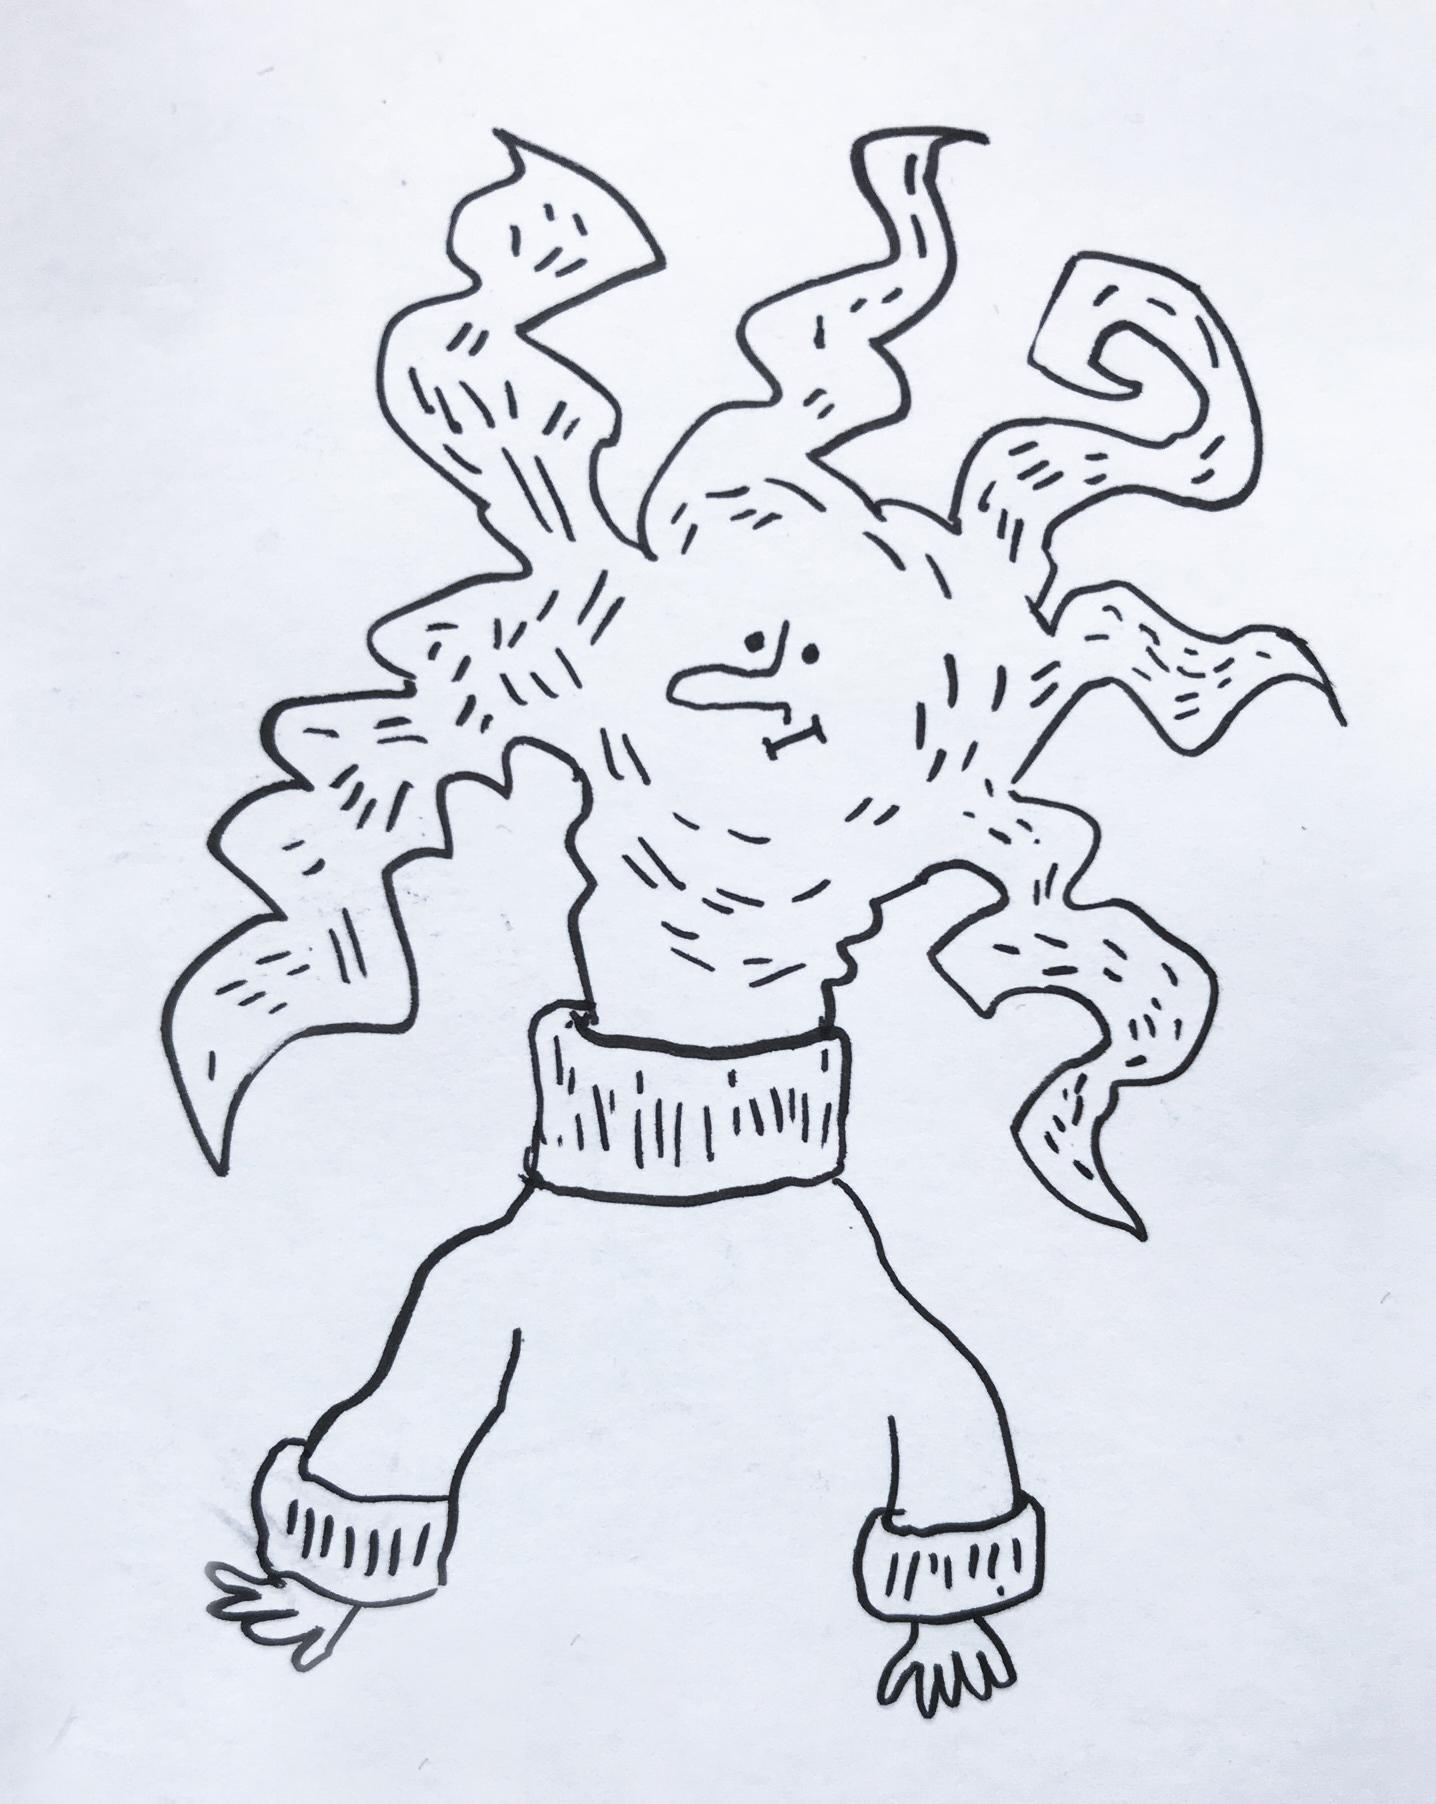 Simples Characterdesign von einem Nudelkopf